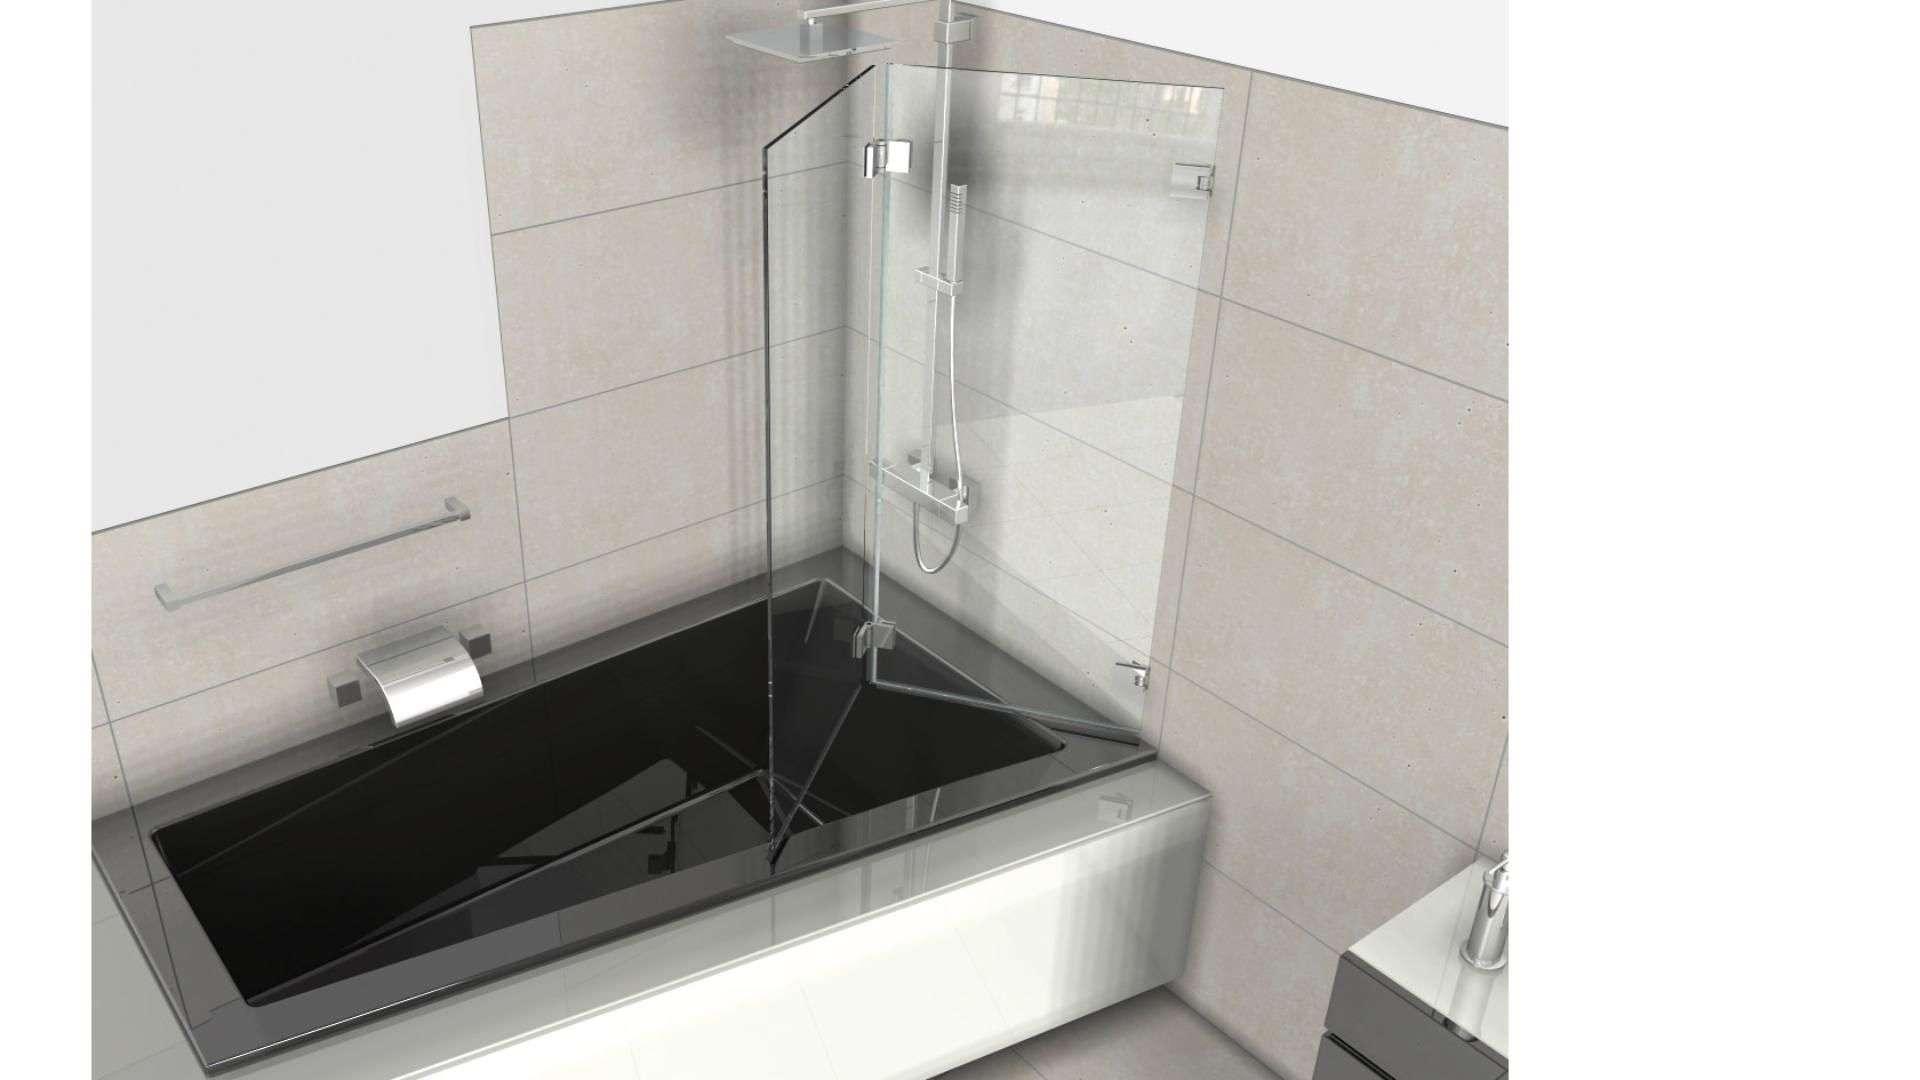 Badewanne mit Glastrennwand zum Duschen